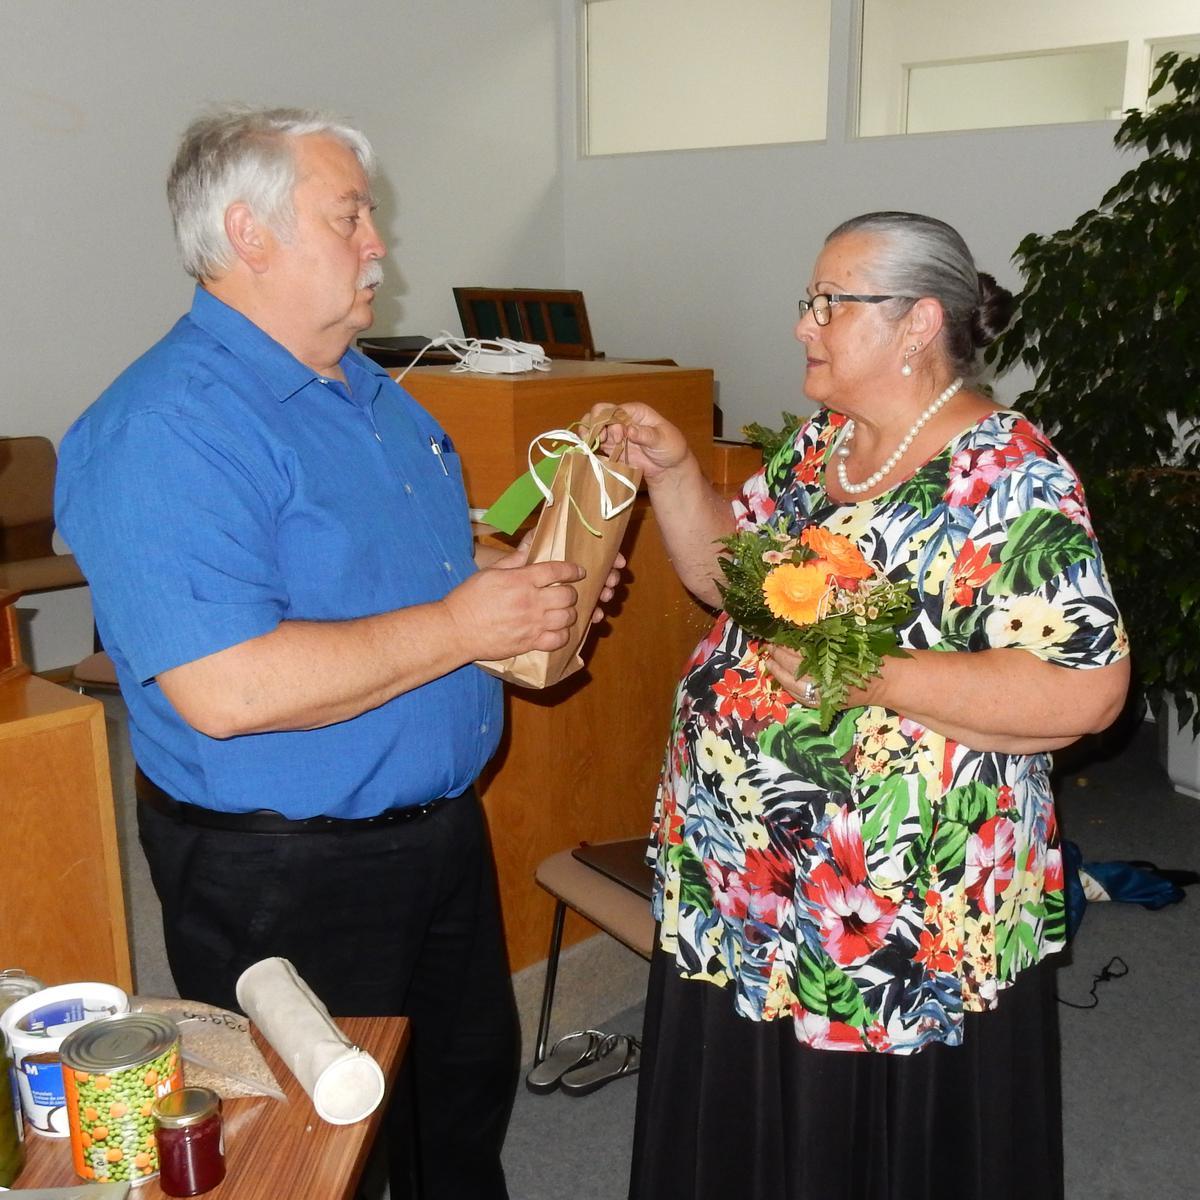 Die FHV-Leiterin Susann Trautmann dankt Bruder Peter Riesen für die großartige Belehrung und überreicht ein Präsent.